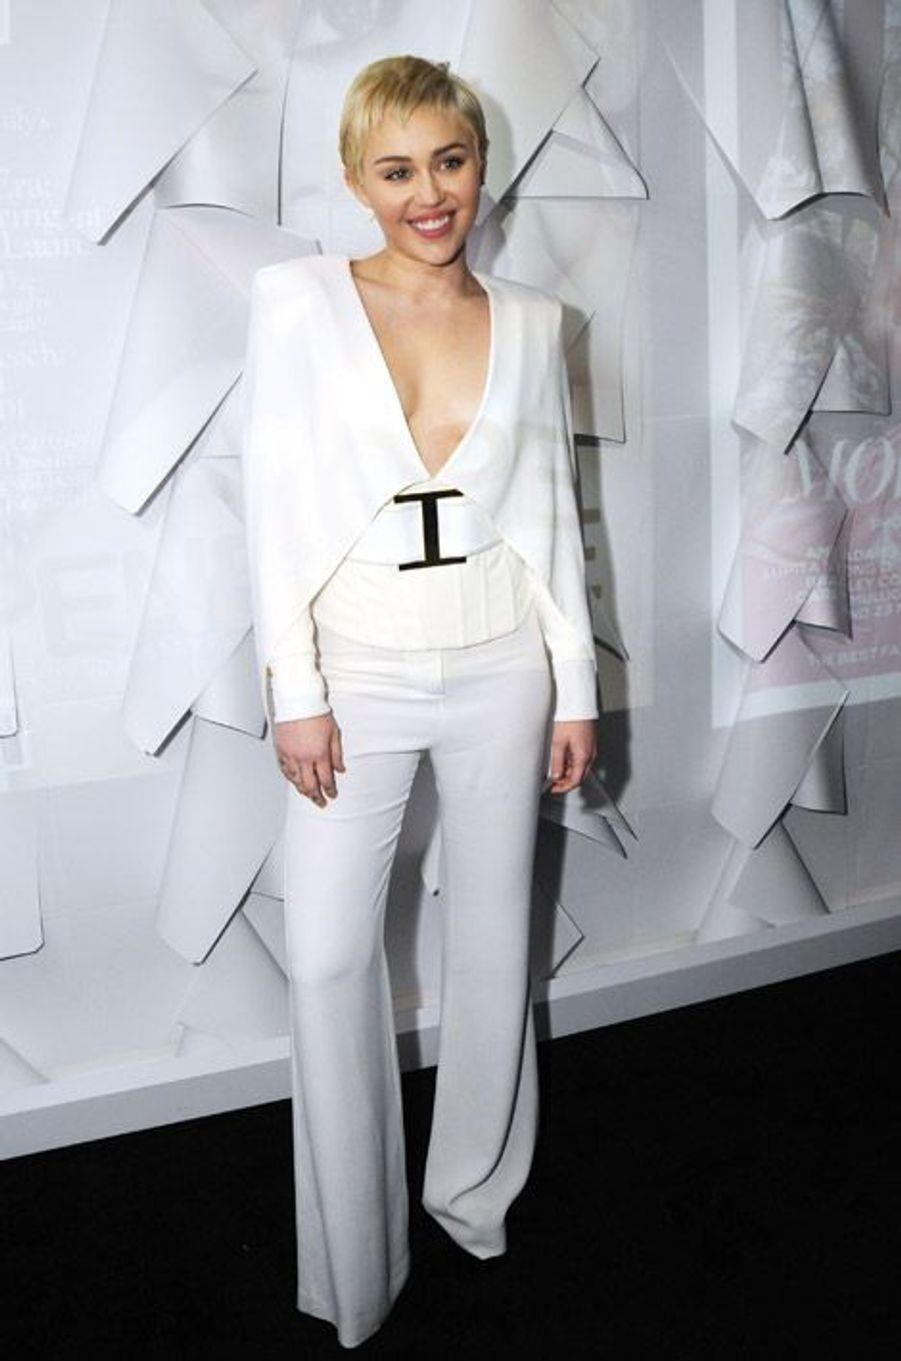 La chanteuse américaine Miley Cyrus en Balmain lors de la soirée W Magazine organisée avant la cérémonie des Golden Globes, le 9 janvier à Los...